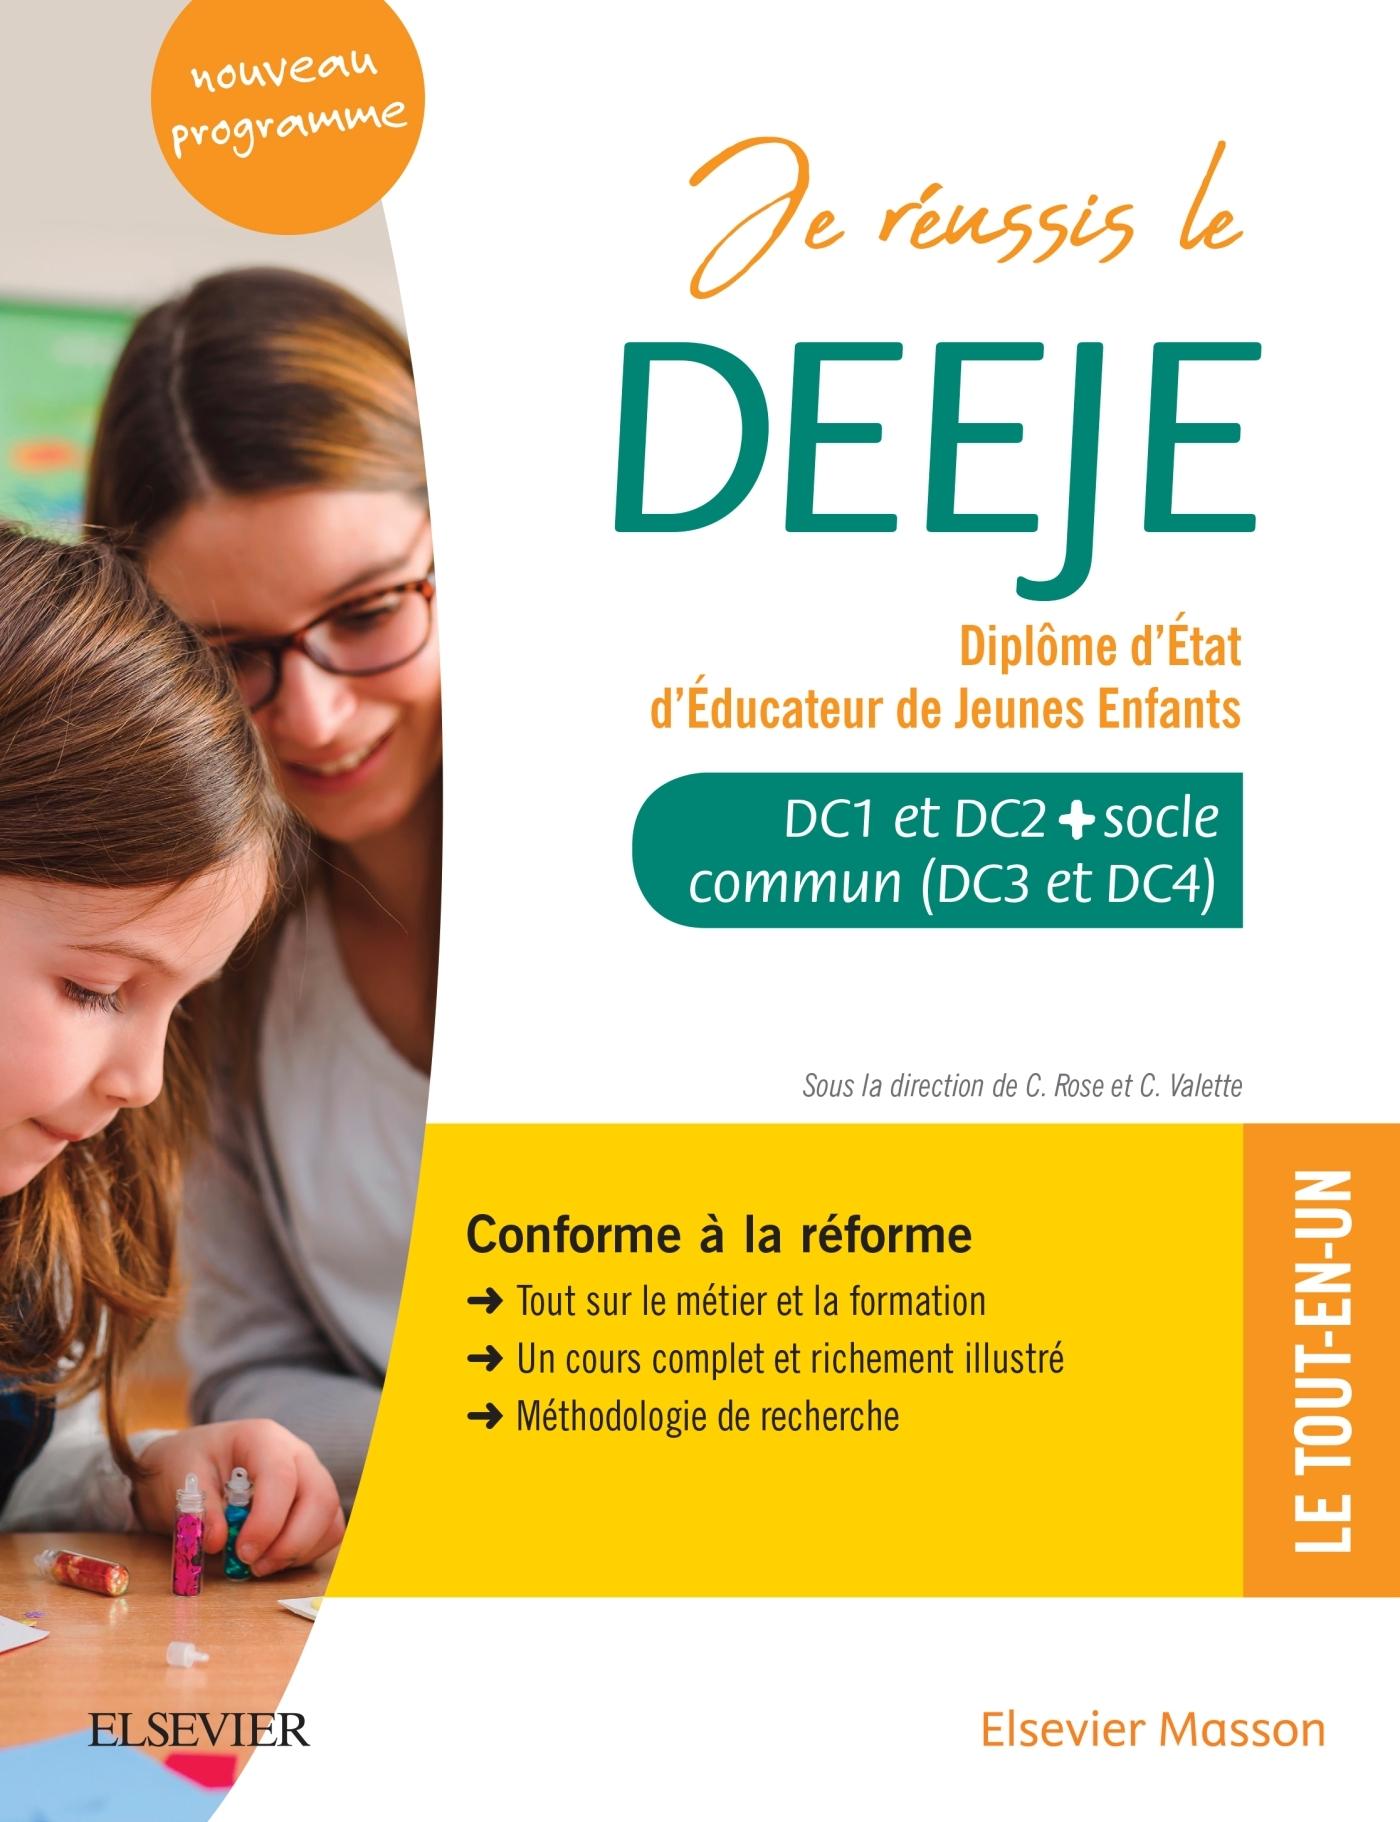 JE REUSSIS LE DEEJE. DIPLOME D'ETAT D'EDUCATEUR DE JEUNES ENFANTS - SOCLE COMMUN + OPTION. CONFORME